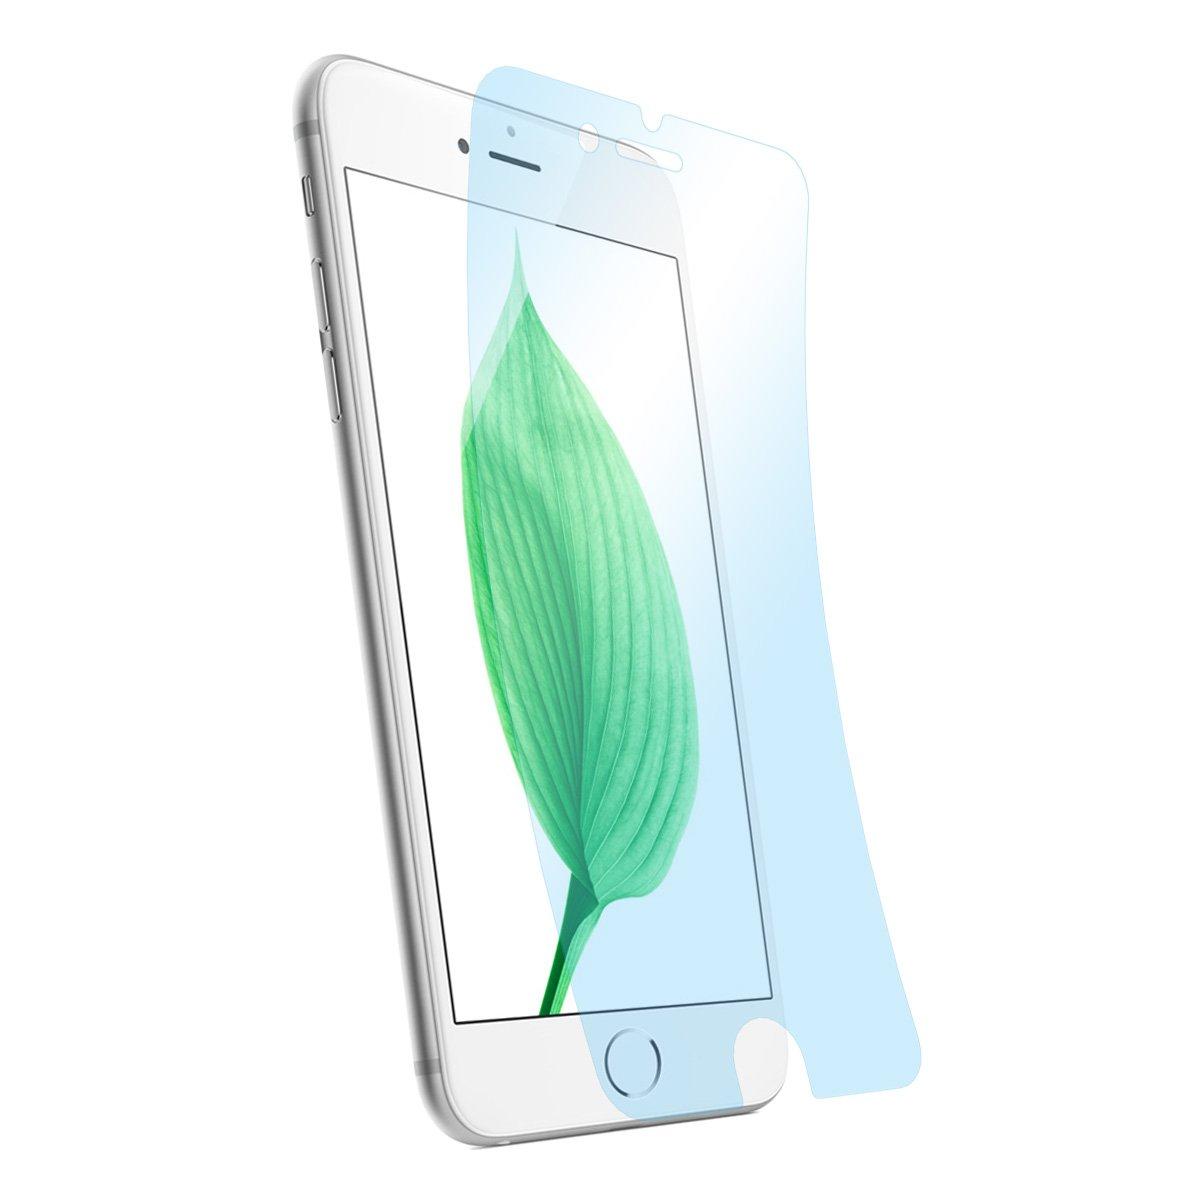 doupi Pantalla Pelí cula Protectora para iPhone 8/7 (4,7 Pulgadas), Ultrathin Mate Anti Reflexió n Reflejando optimizado Display Protector (6X en el Paquete) CDEX GmbH D5-F128-B-S6